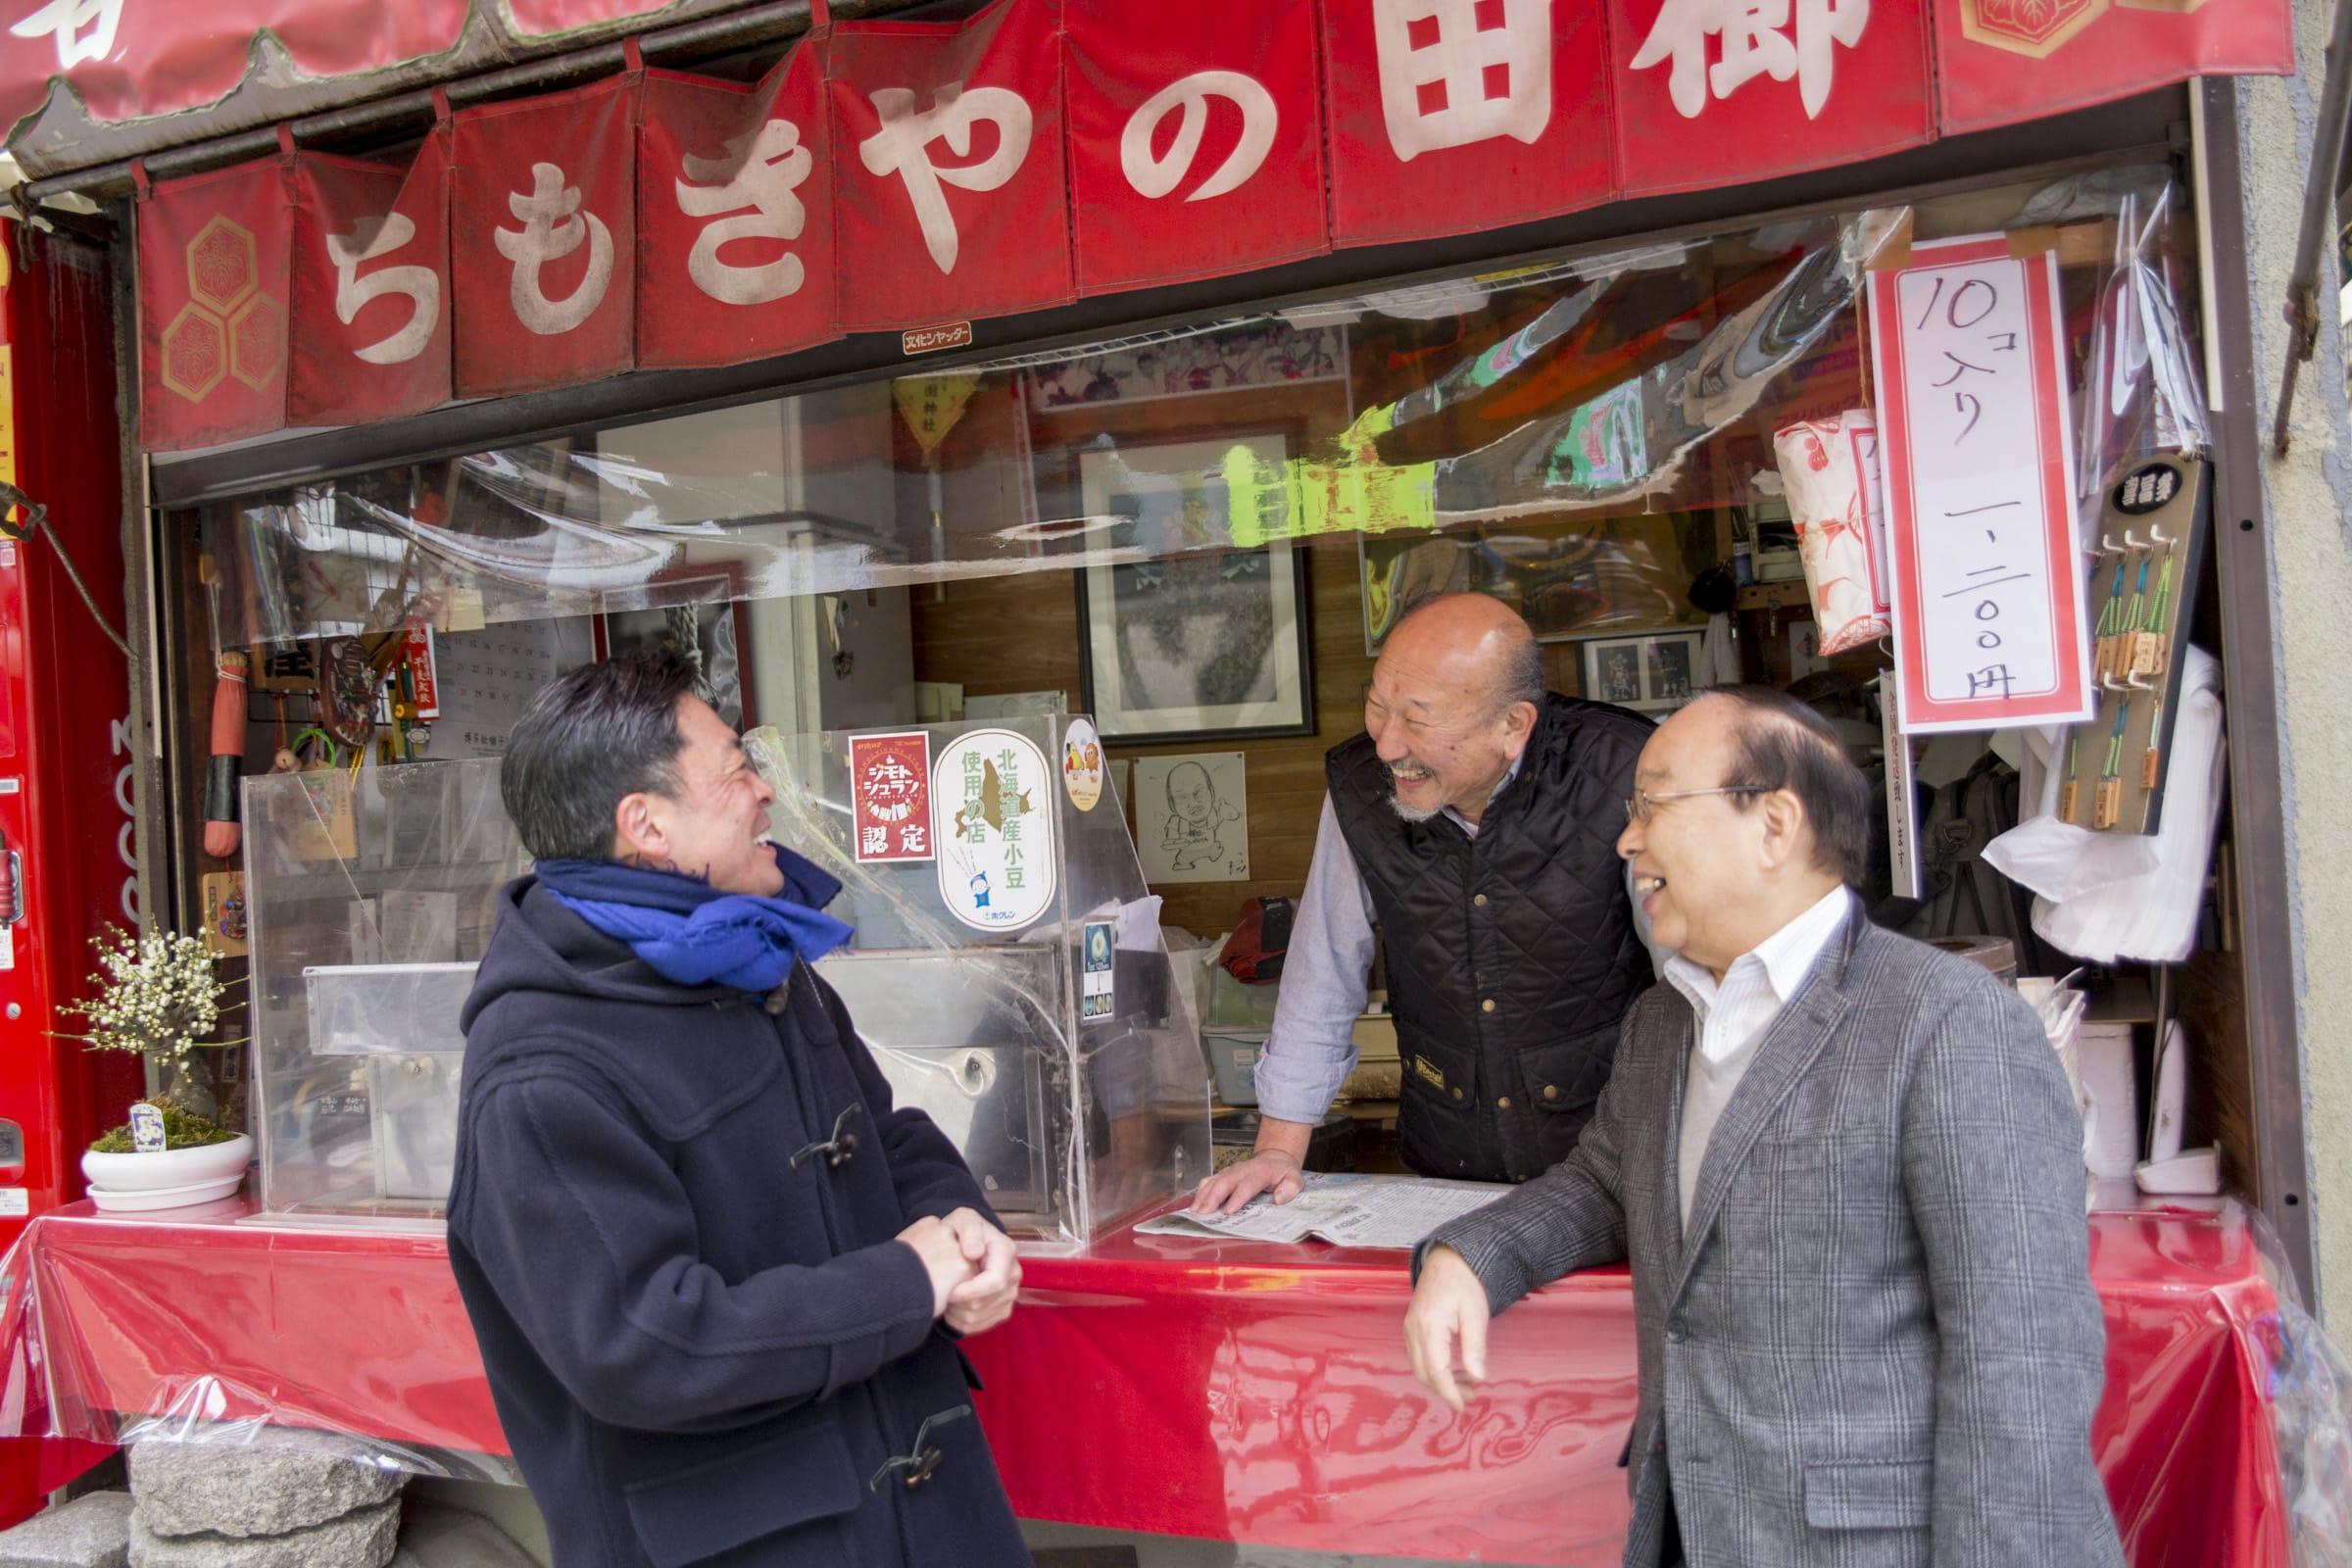 映画の時にエキストラとして参加したと言う櫛田のやきもちの店主とお客さん。「見たら全部カットされてたけどね!」とのこと。